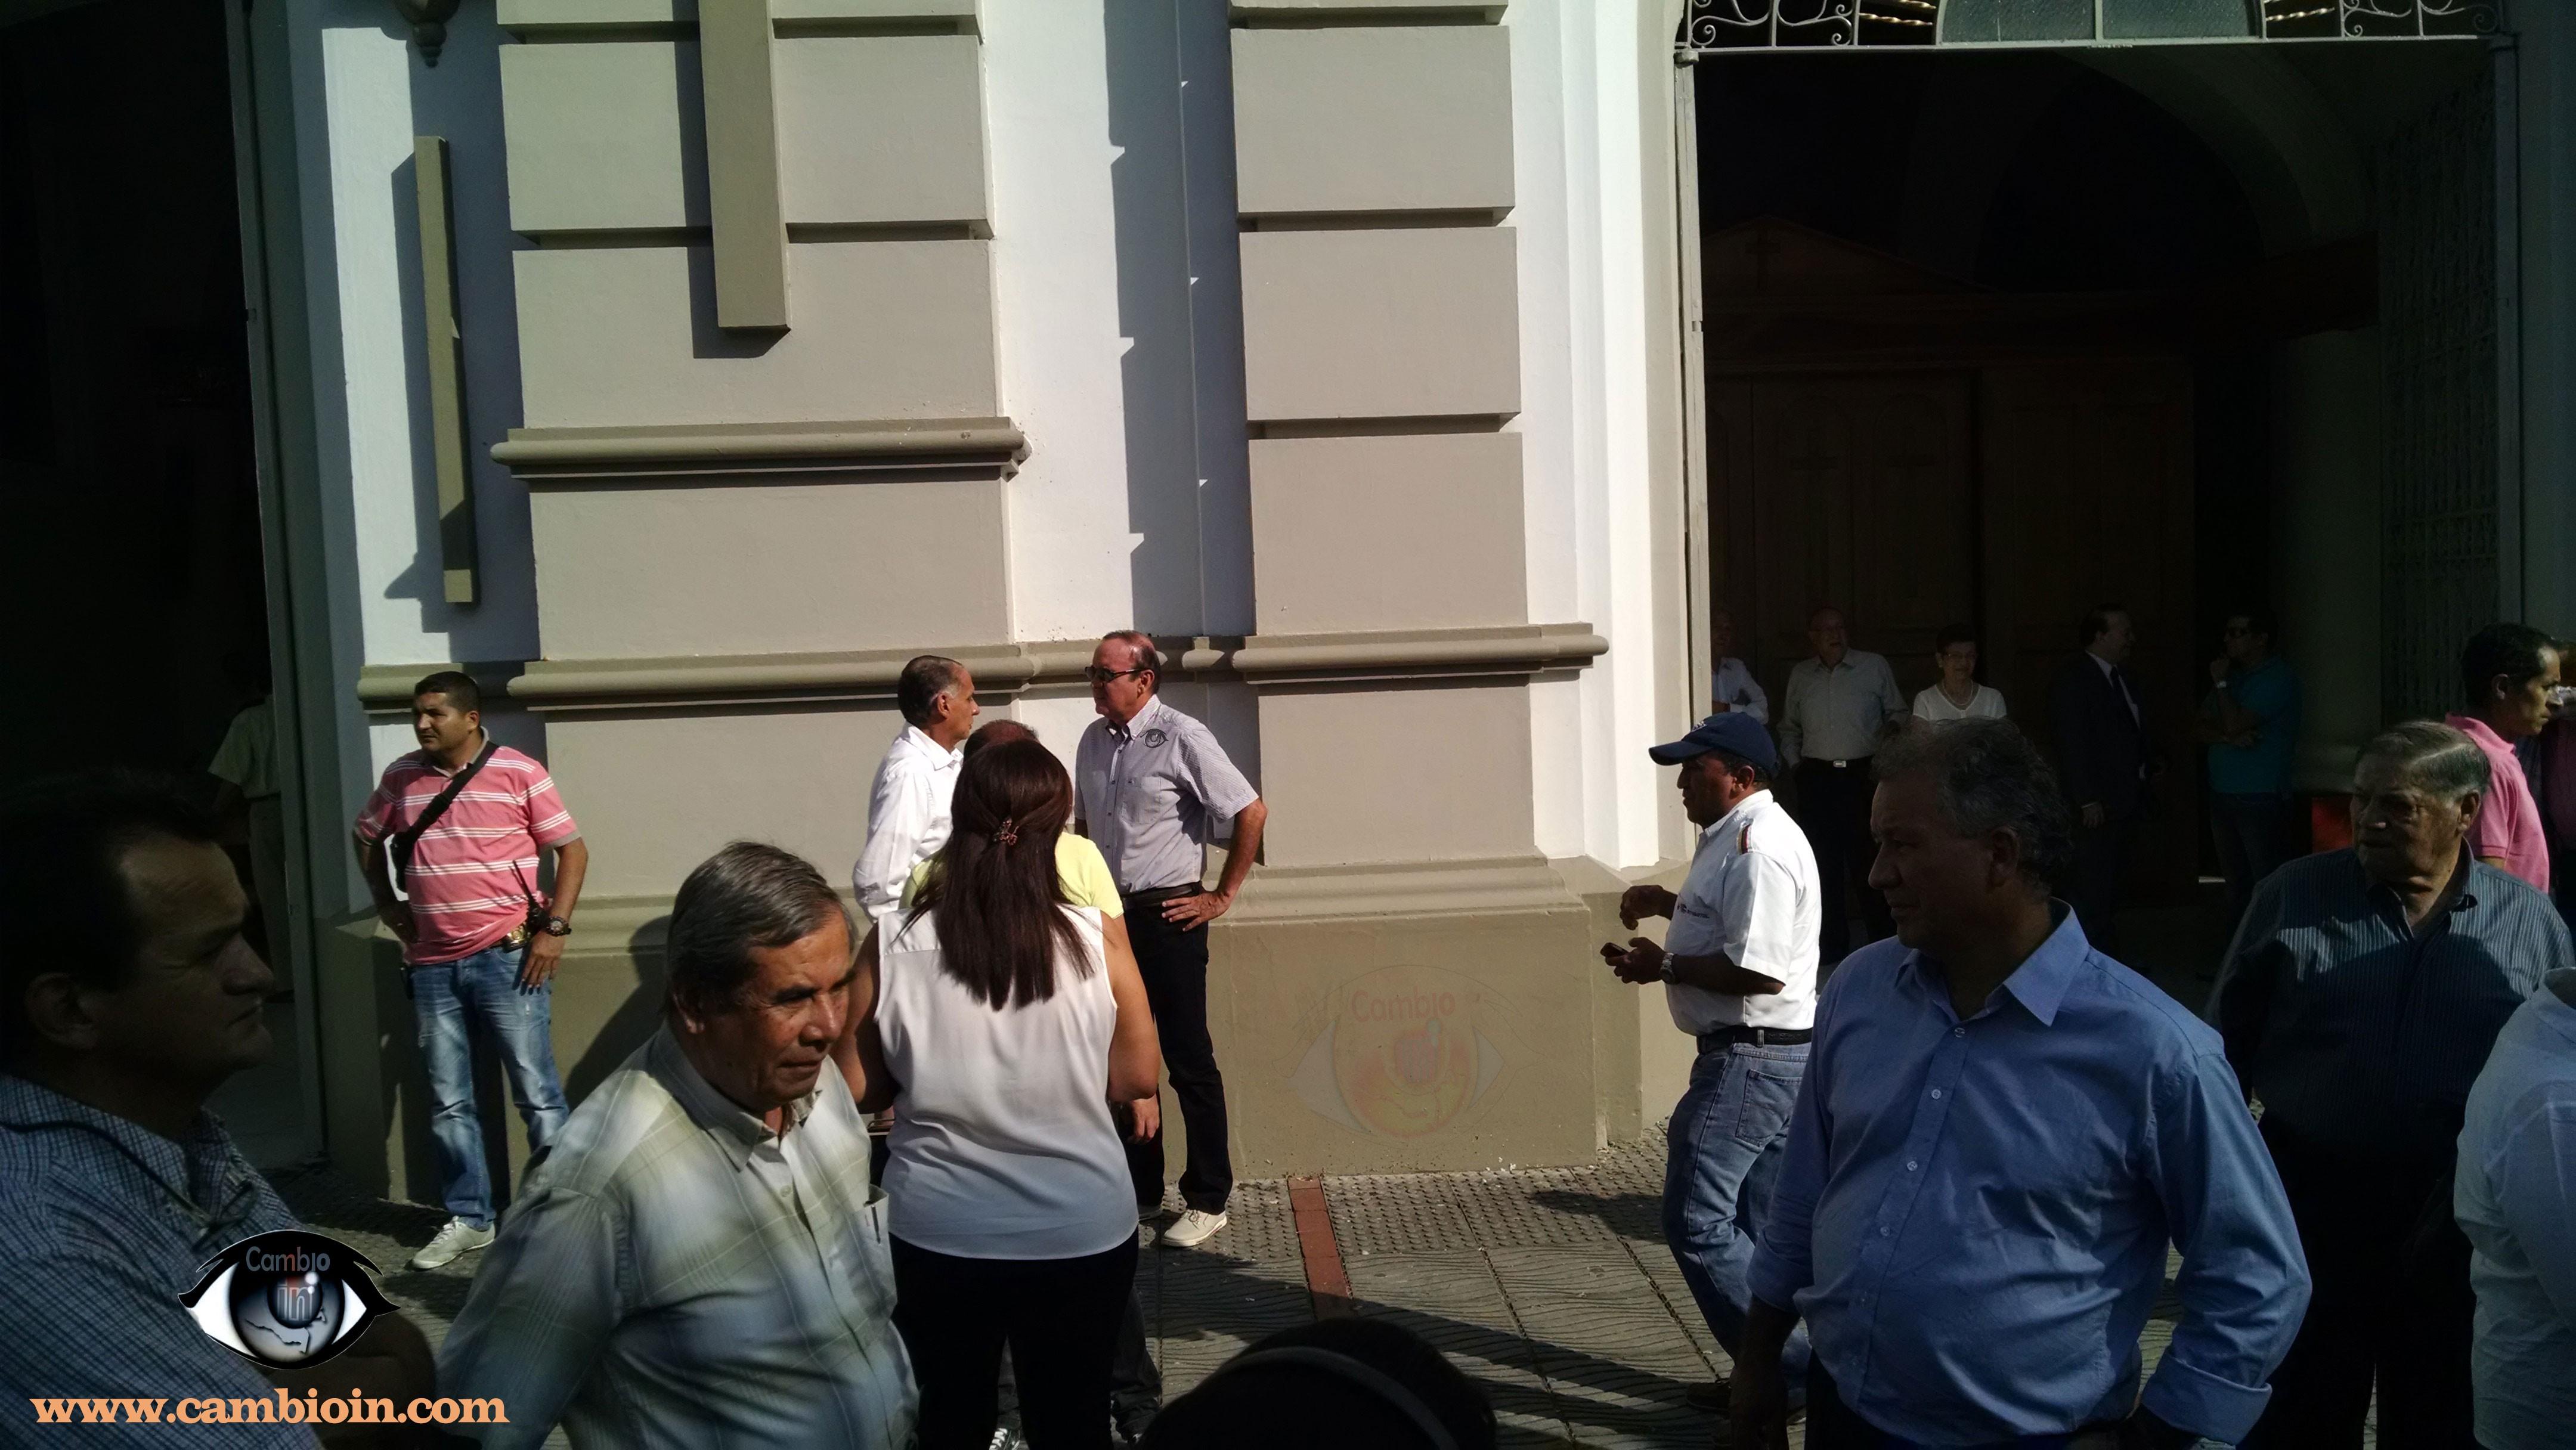 Gobernador y candidato Jaramillo, se reúnen a las afueras de la catedral. Para algunos es participación en política